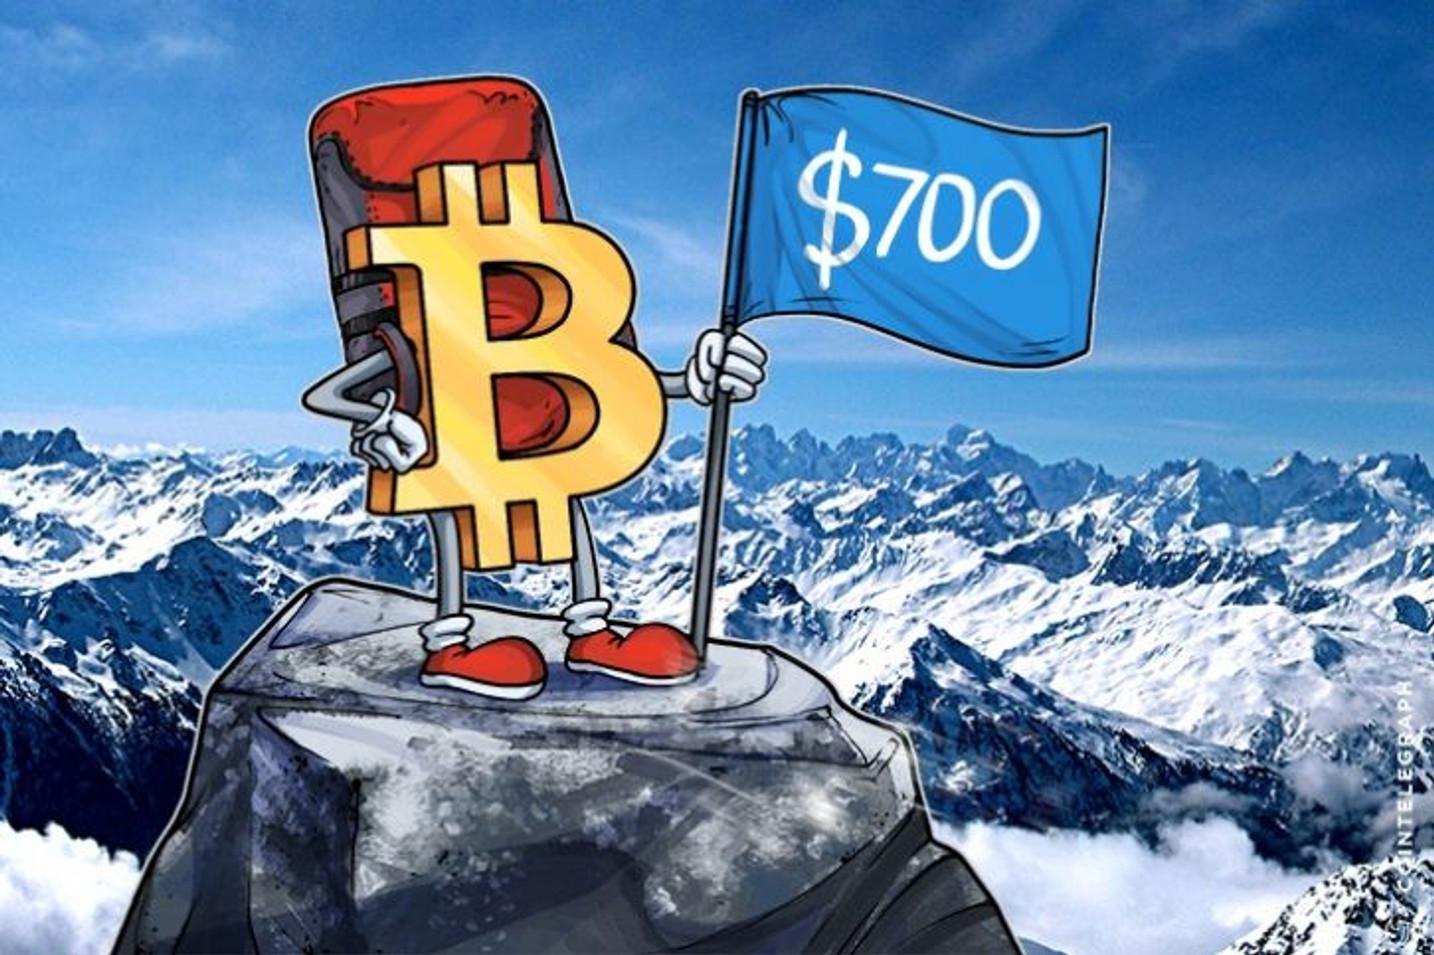 Cena bitkoina veća od 700 dolara